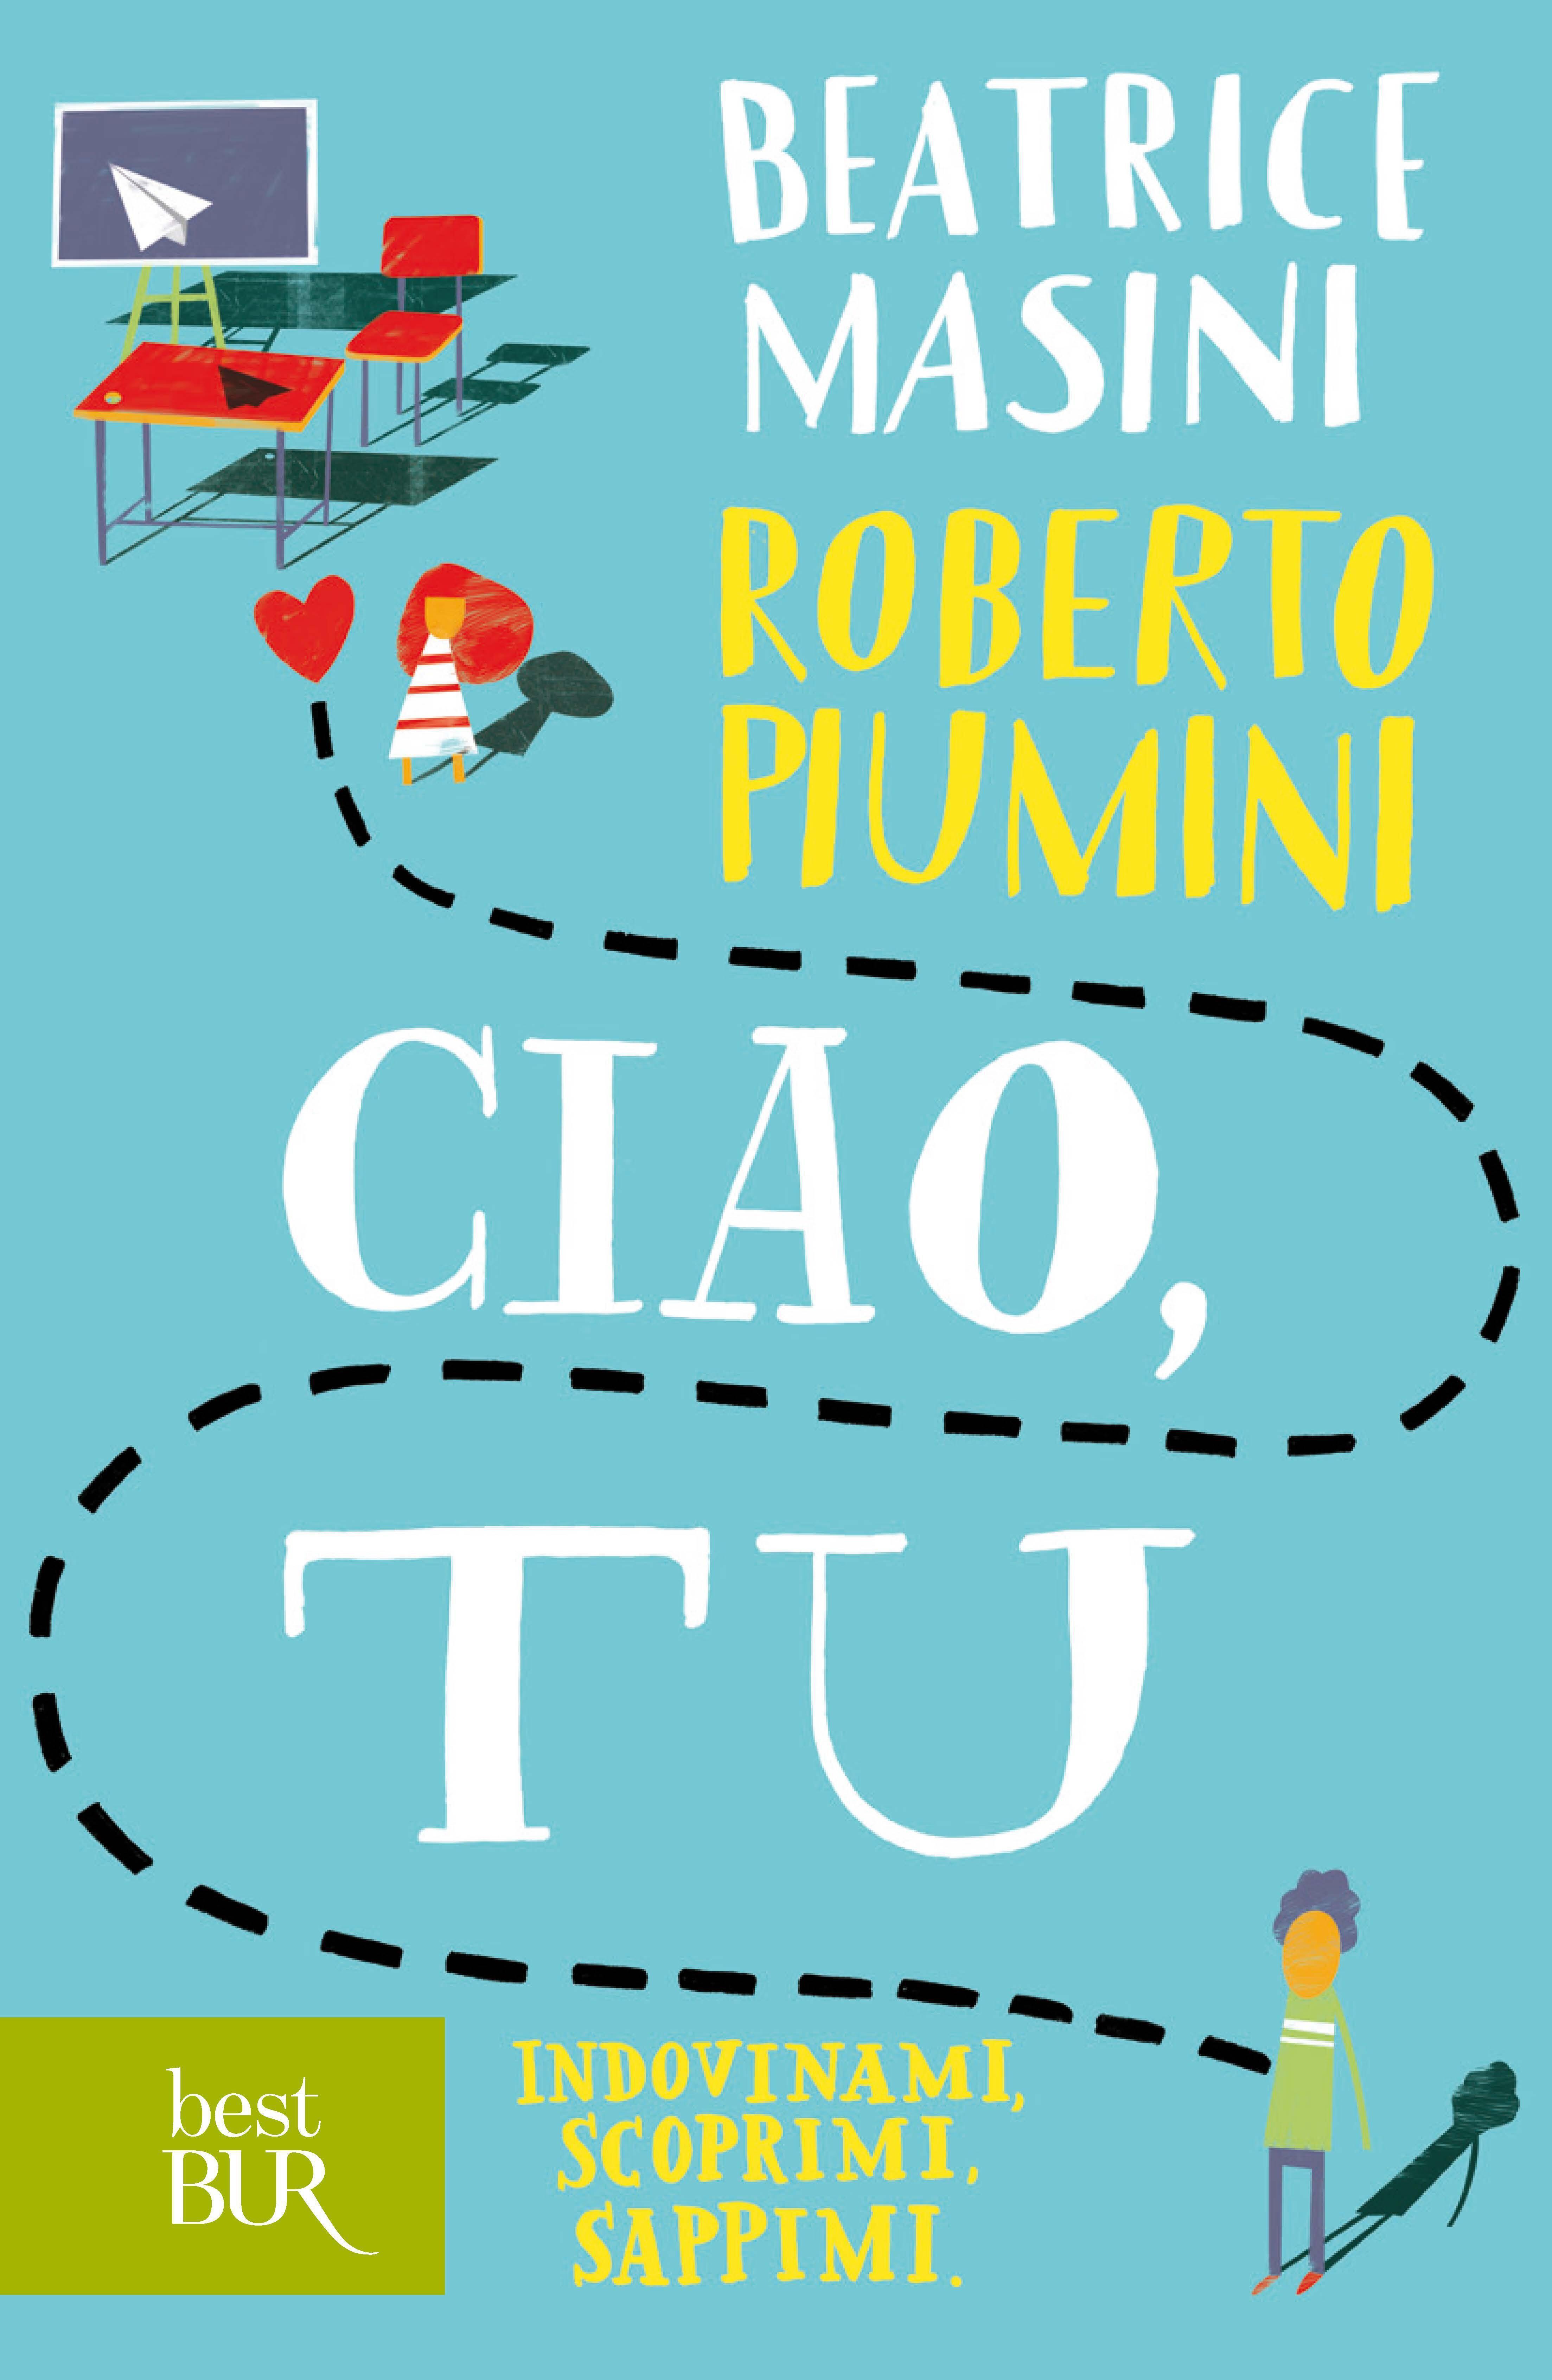 Ciao tu masini beatrice piumini roberto ebook pdf con ciao tu masini beatrice piumini roberto ebook pdf con drm ibs fandeluxe Ebook collections